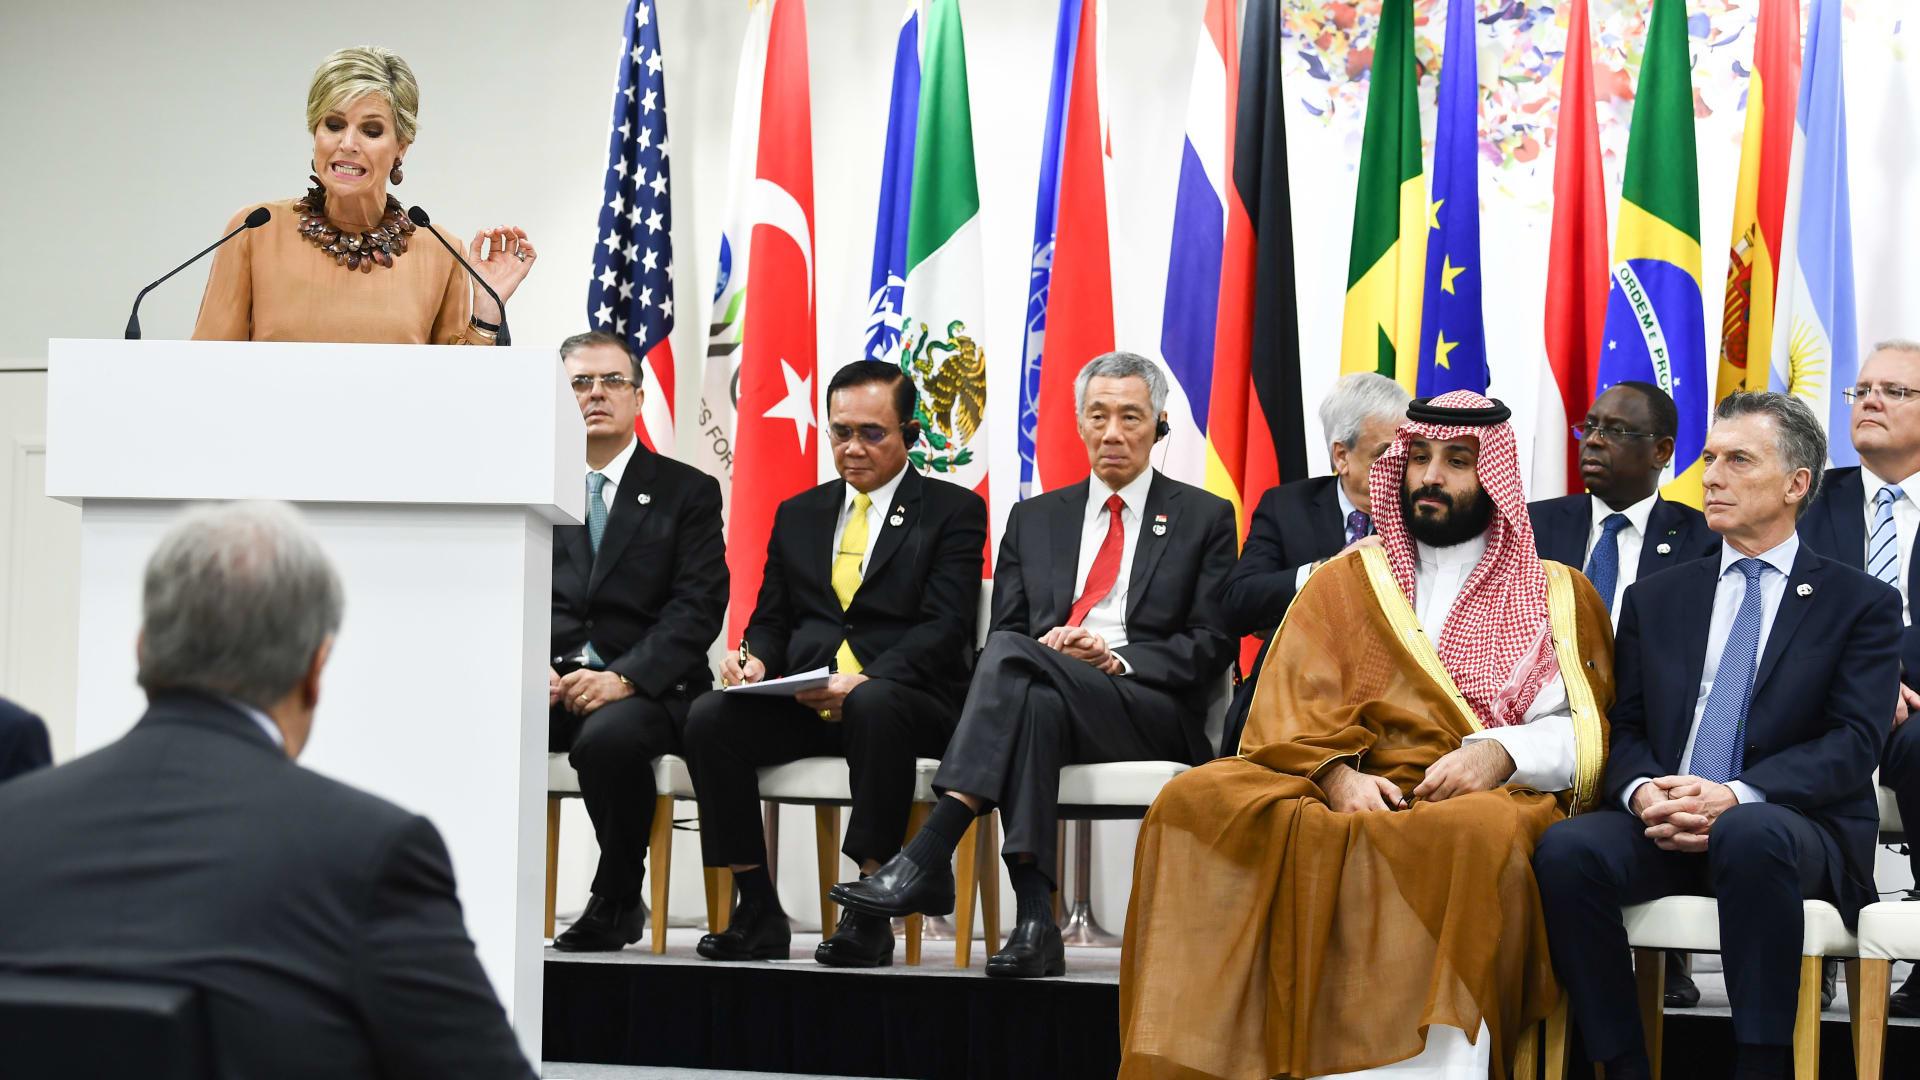 بعد تقريرها عن خاشقجي.. هذه ردة فعل كالامارد على صور ولي عهد السعودية محمد بن سلمان مع ترامب وملكة هولندا